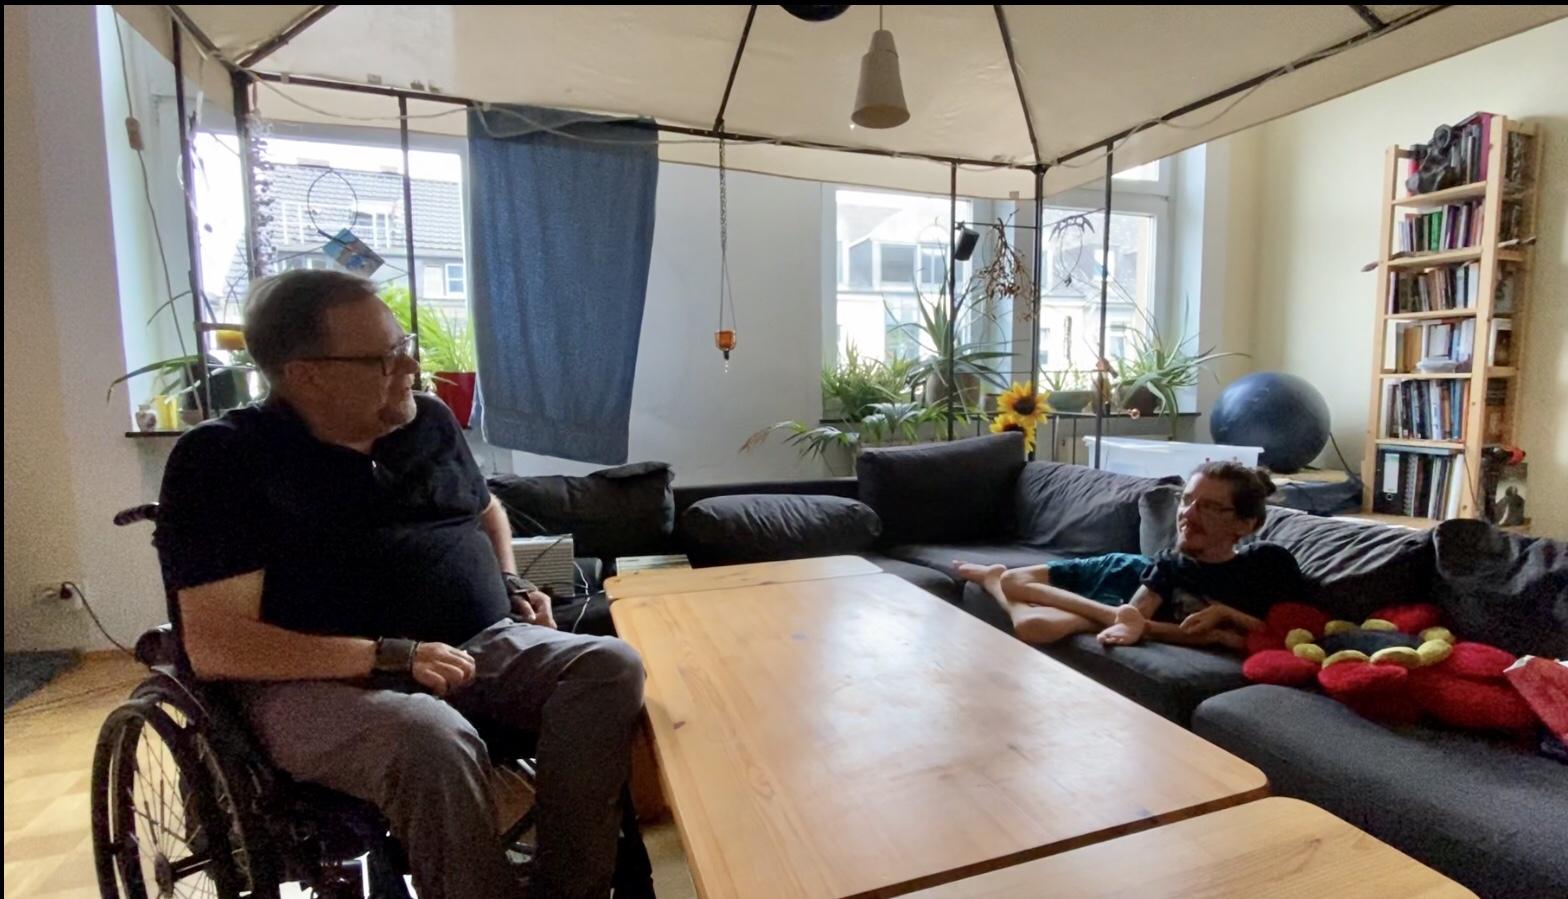 Gespräch in der Wohnung mit Christian Bayerlein